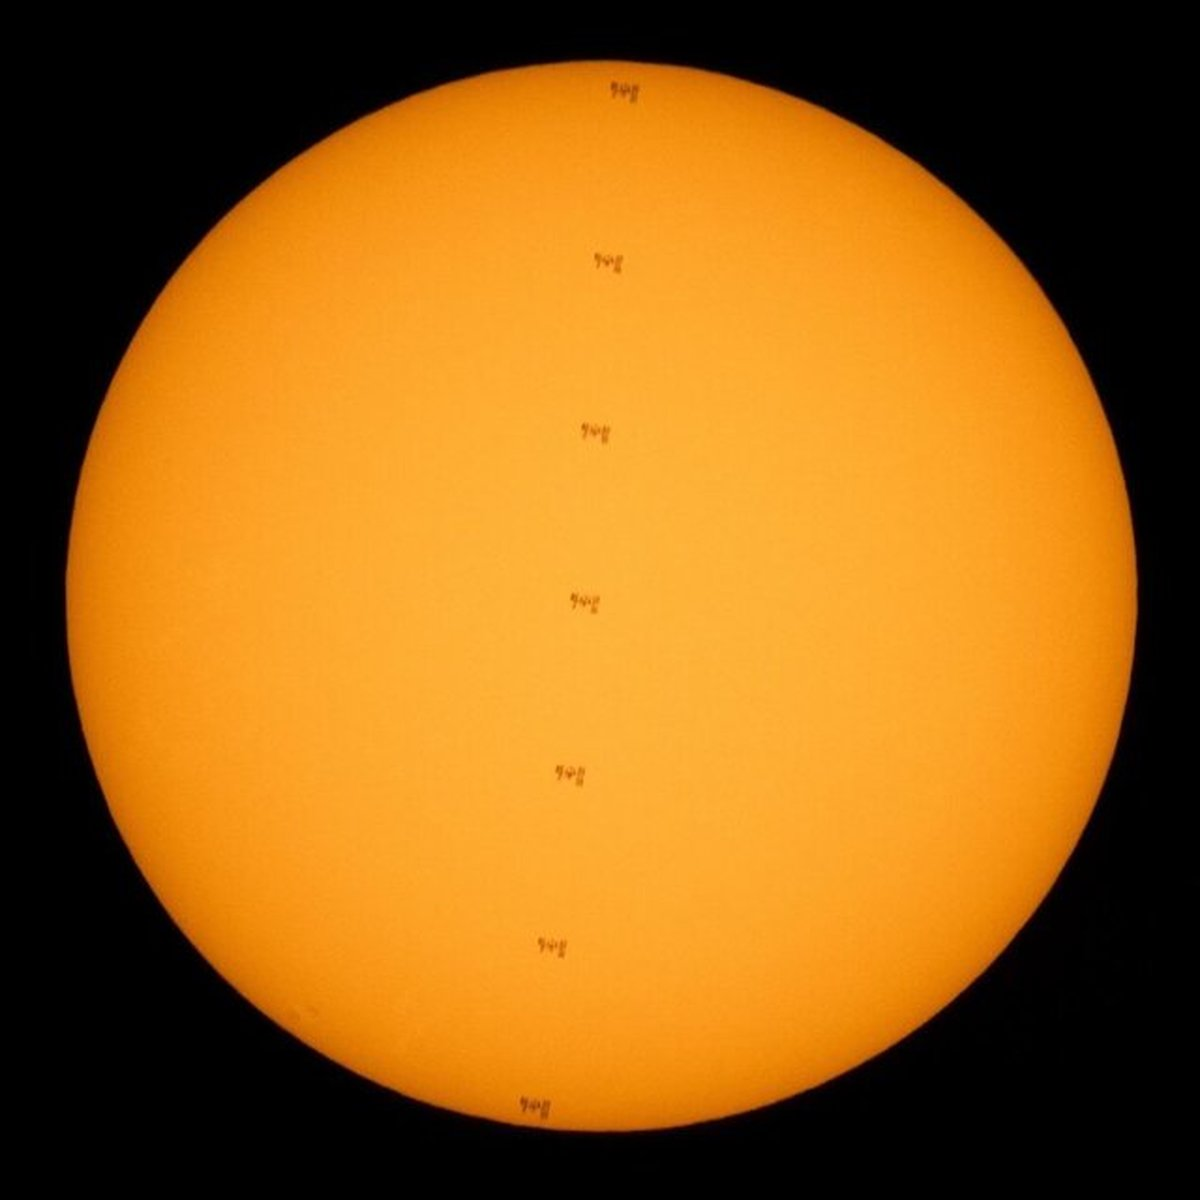 عبور ایستگاه فضایی از مقابل خورشید